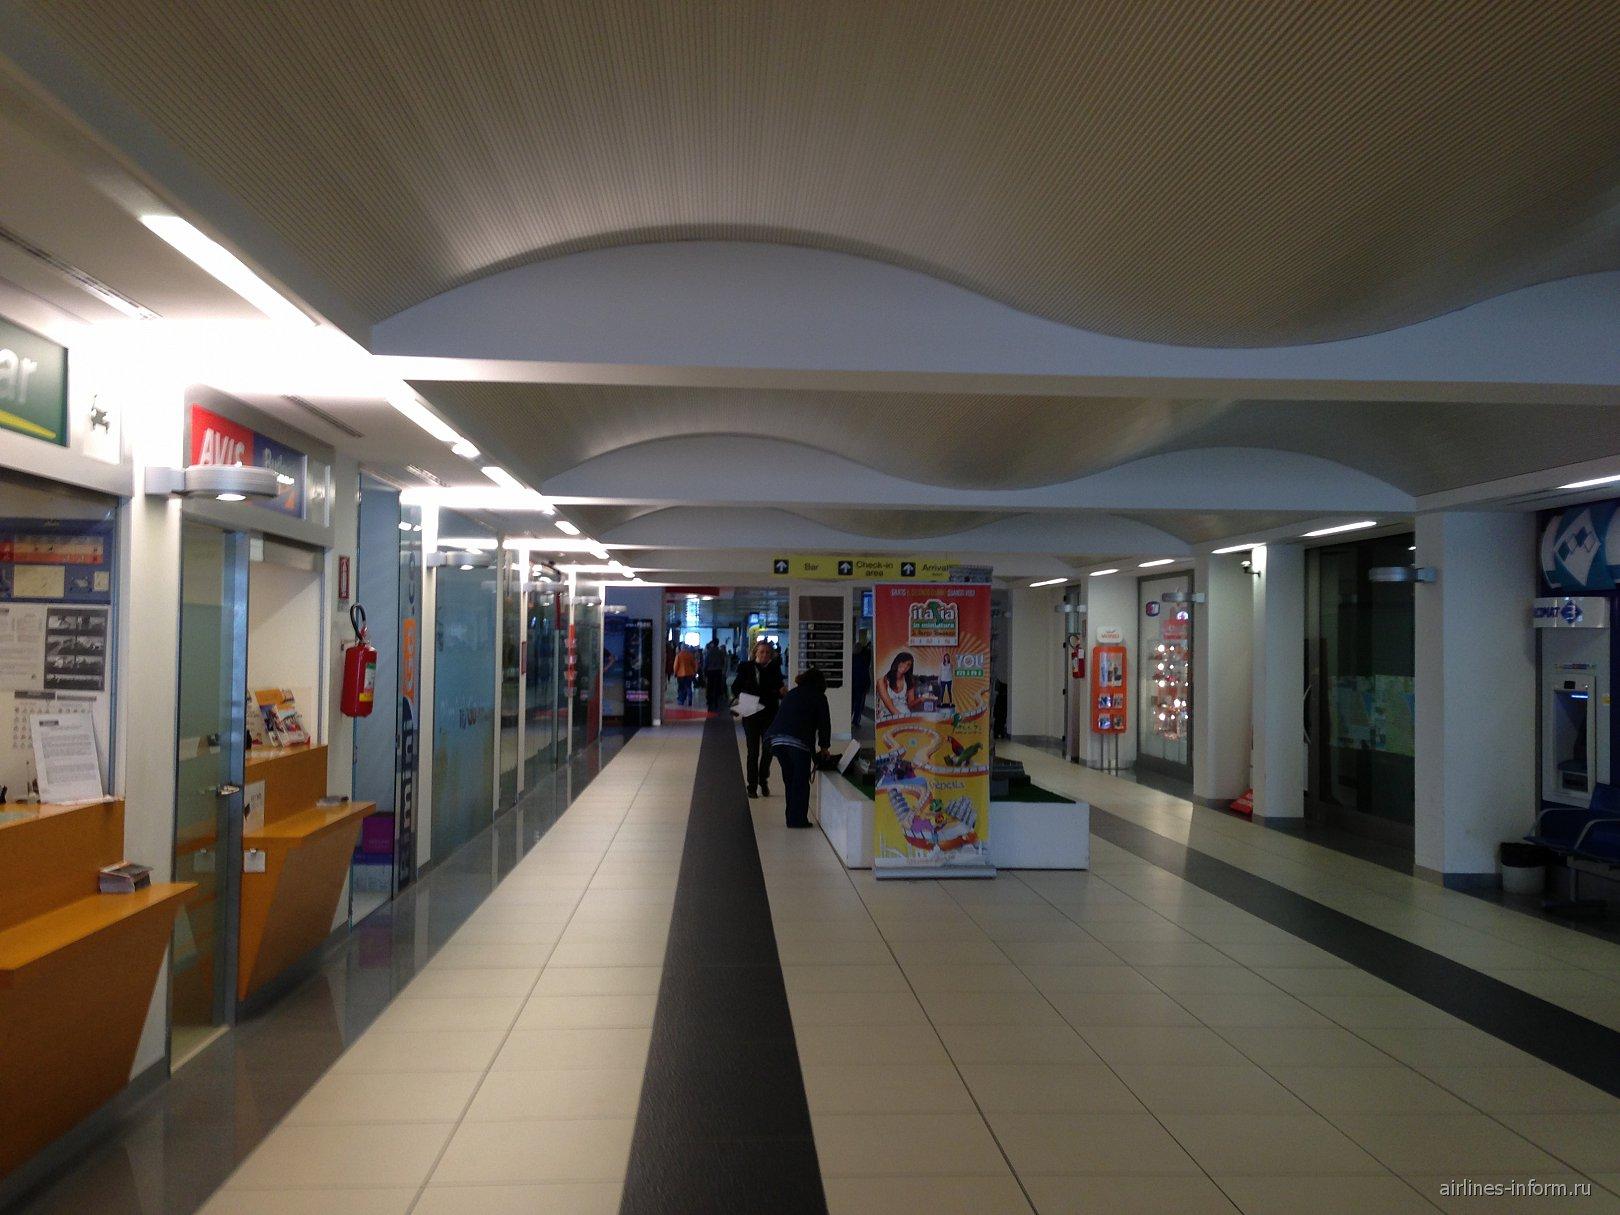 Зал прилета в аэропорту Римини